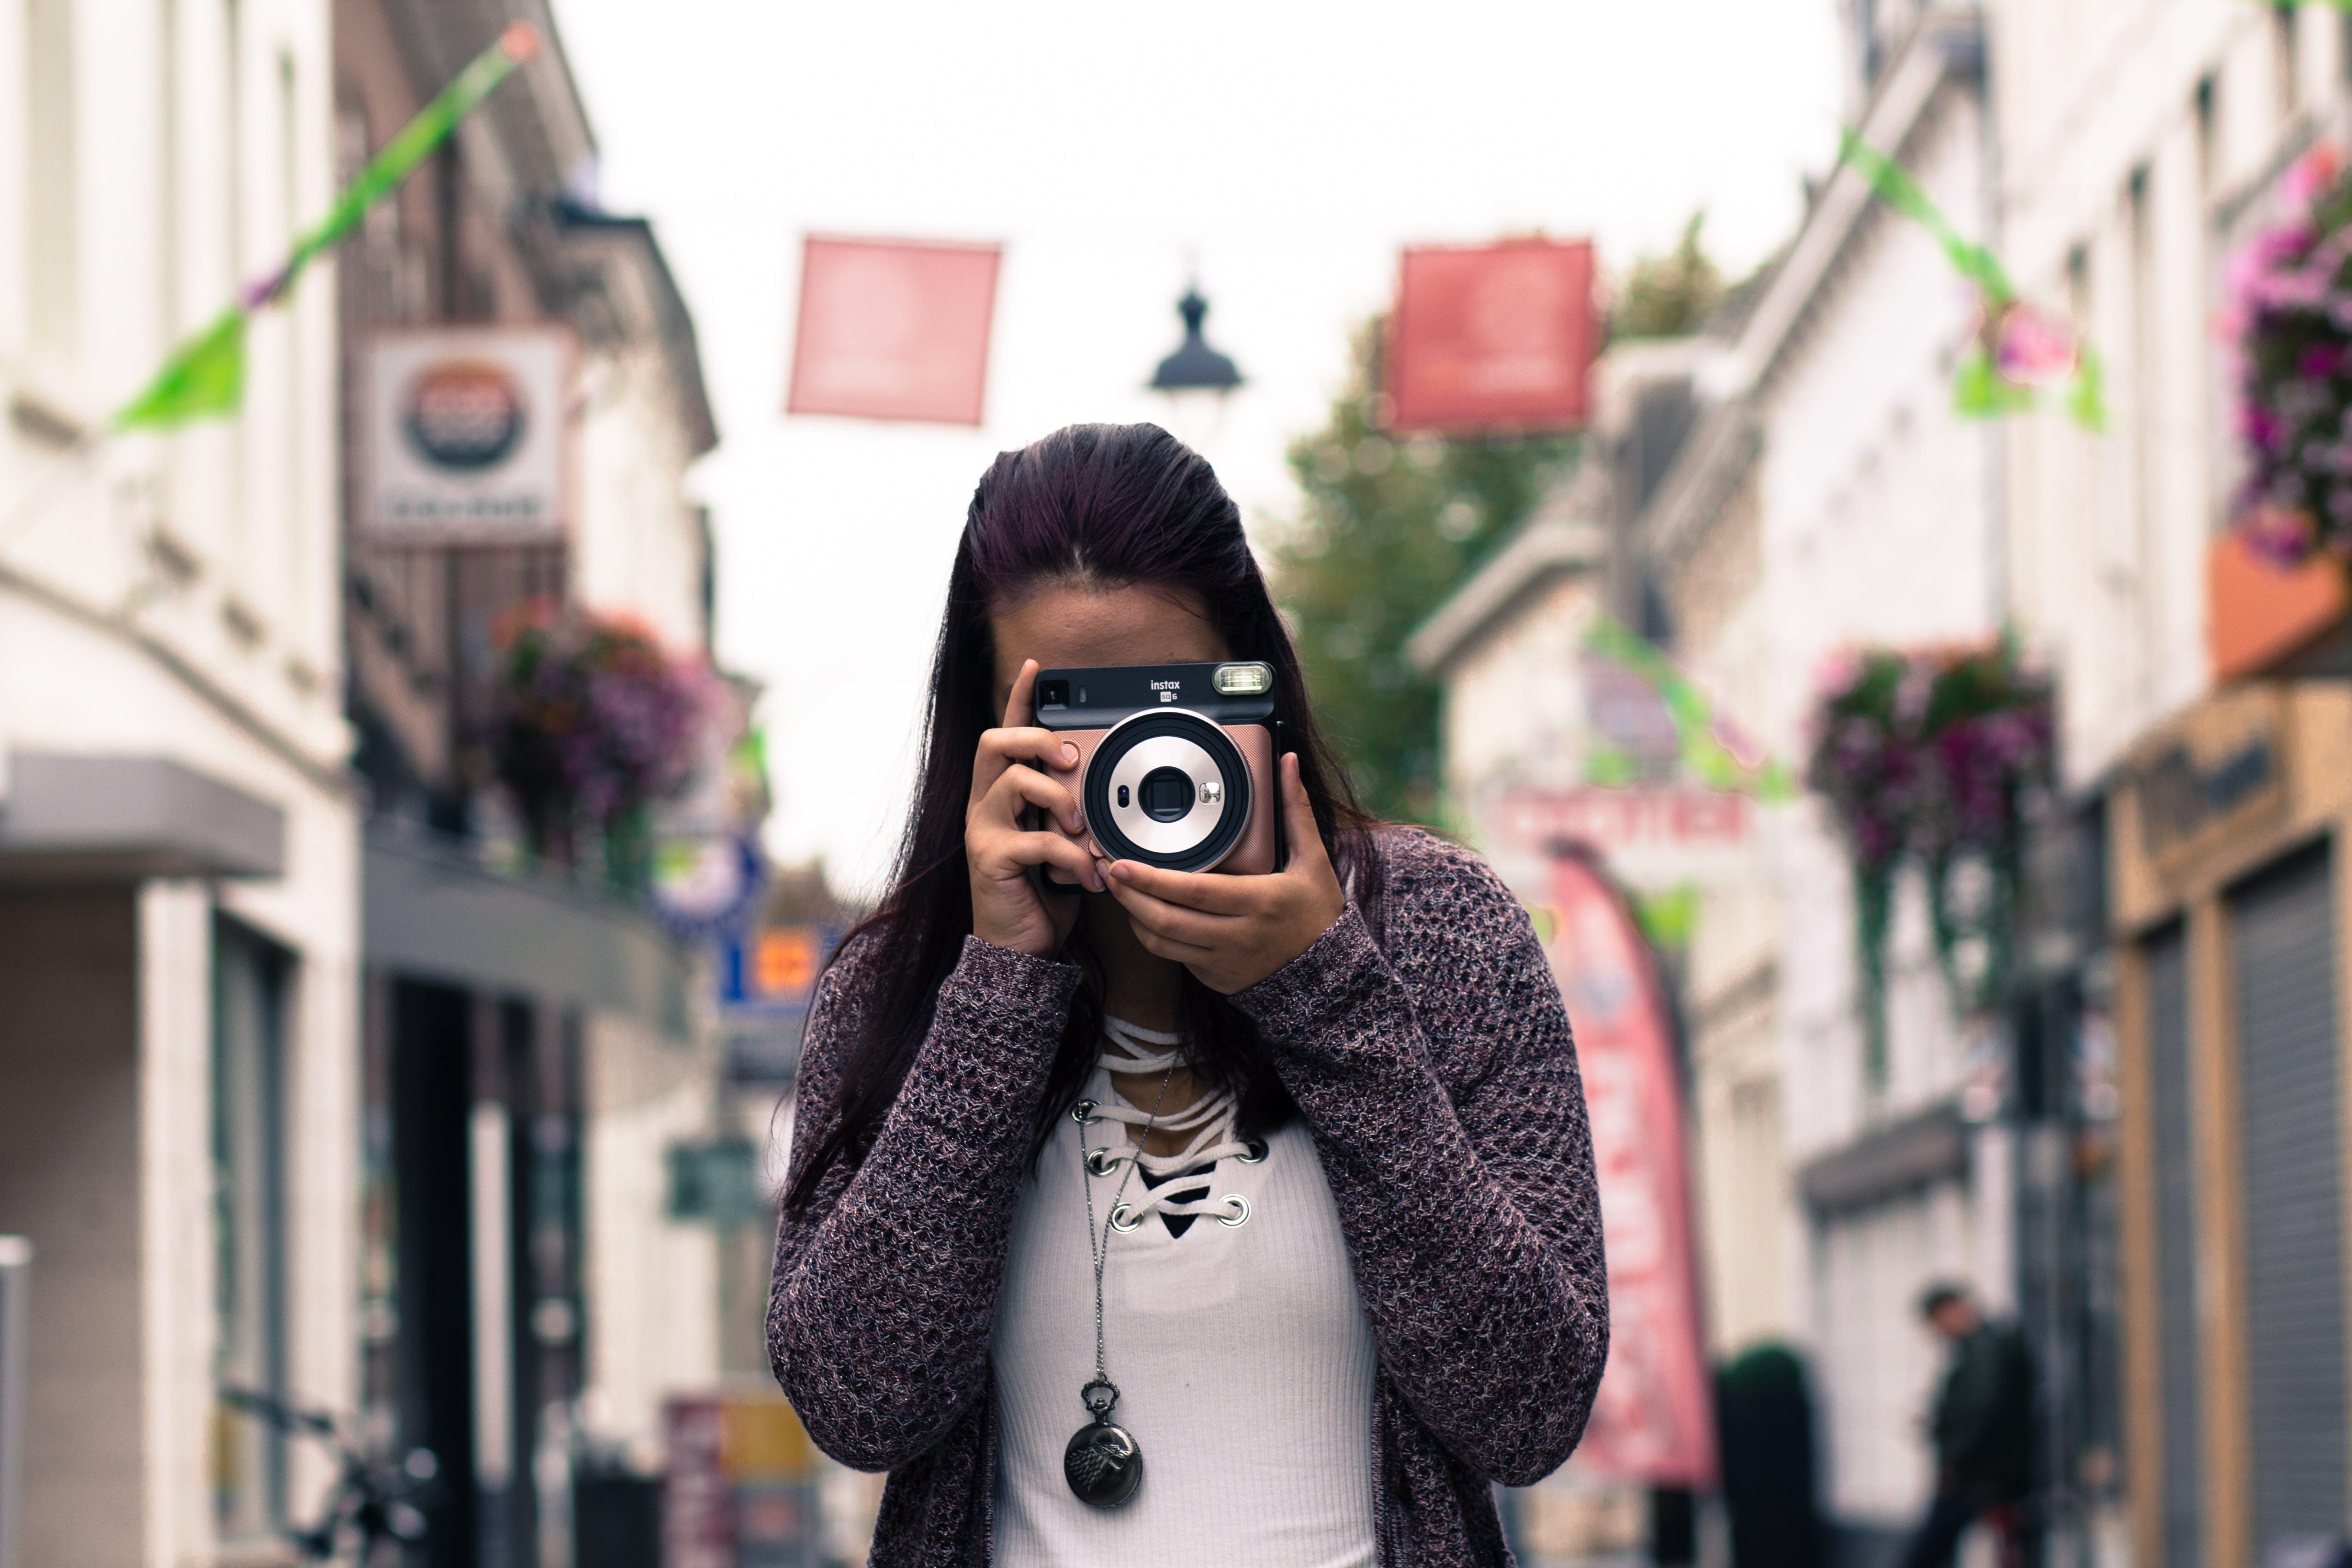 Kostenloses Stock Foto zu architektur, aufnehmen von fotos, draußen, fotografie